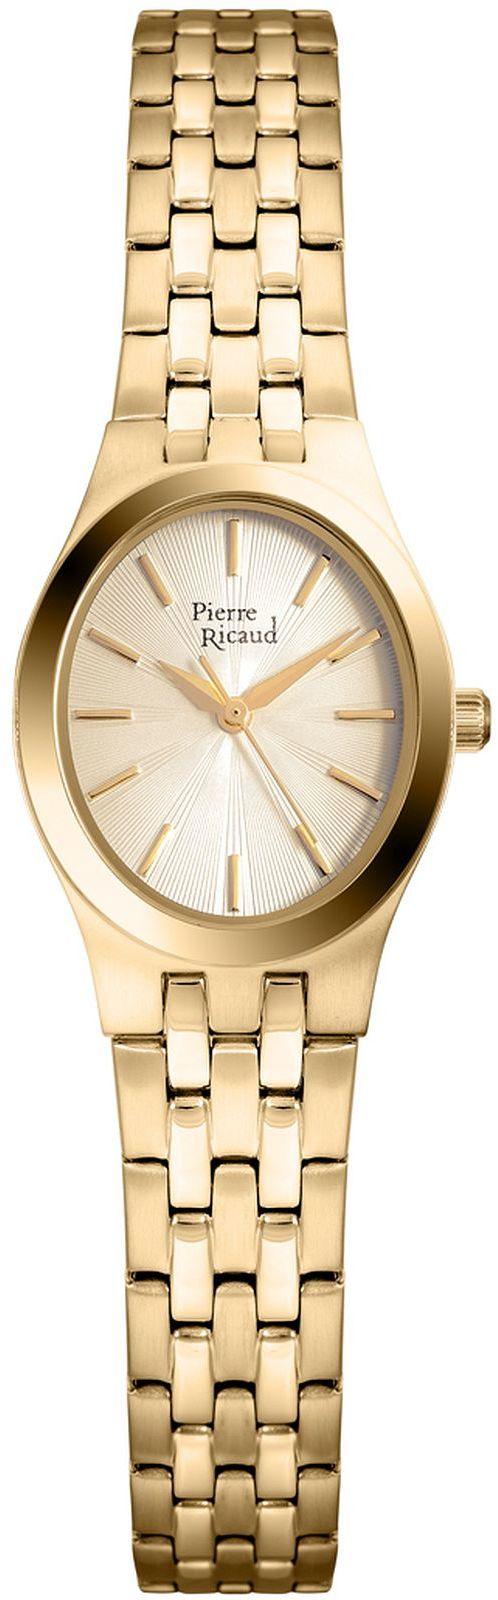 Pierre Ricaud P21031.1111Q > Darmowa dostawa Kurierem/Paczkomaty Darmowy zwrot przez 100 DNI